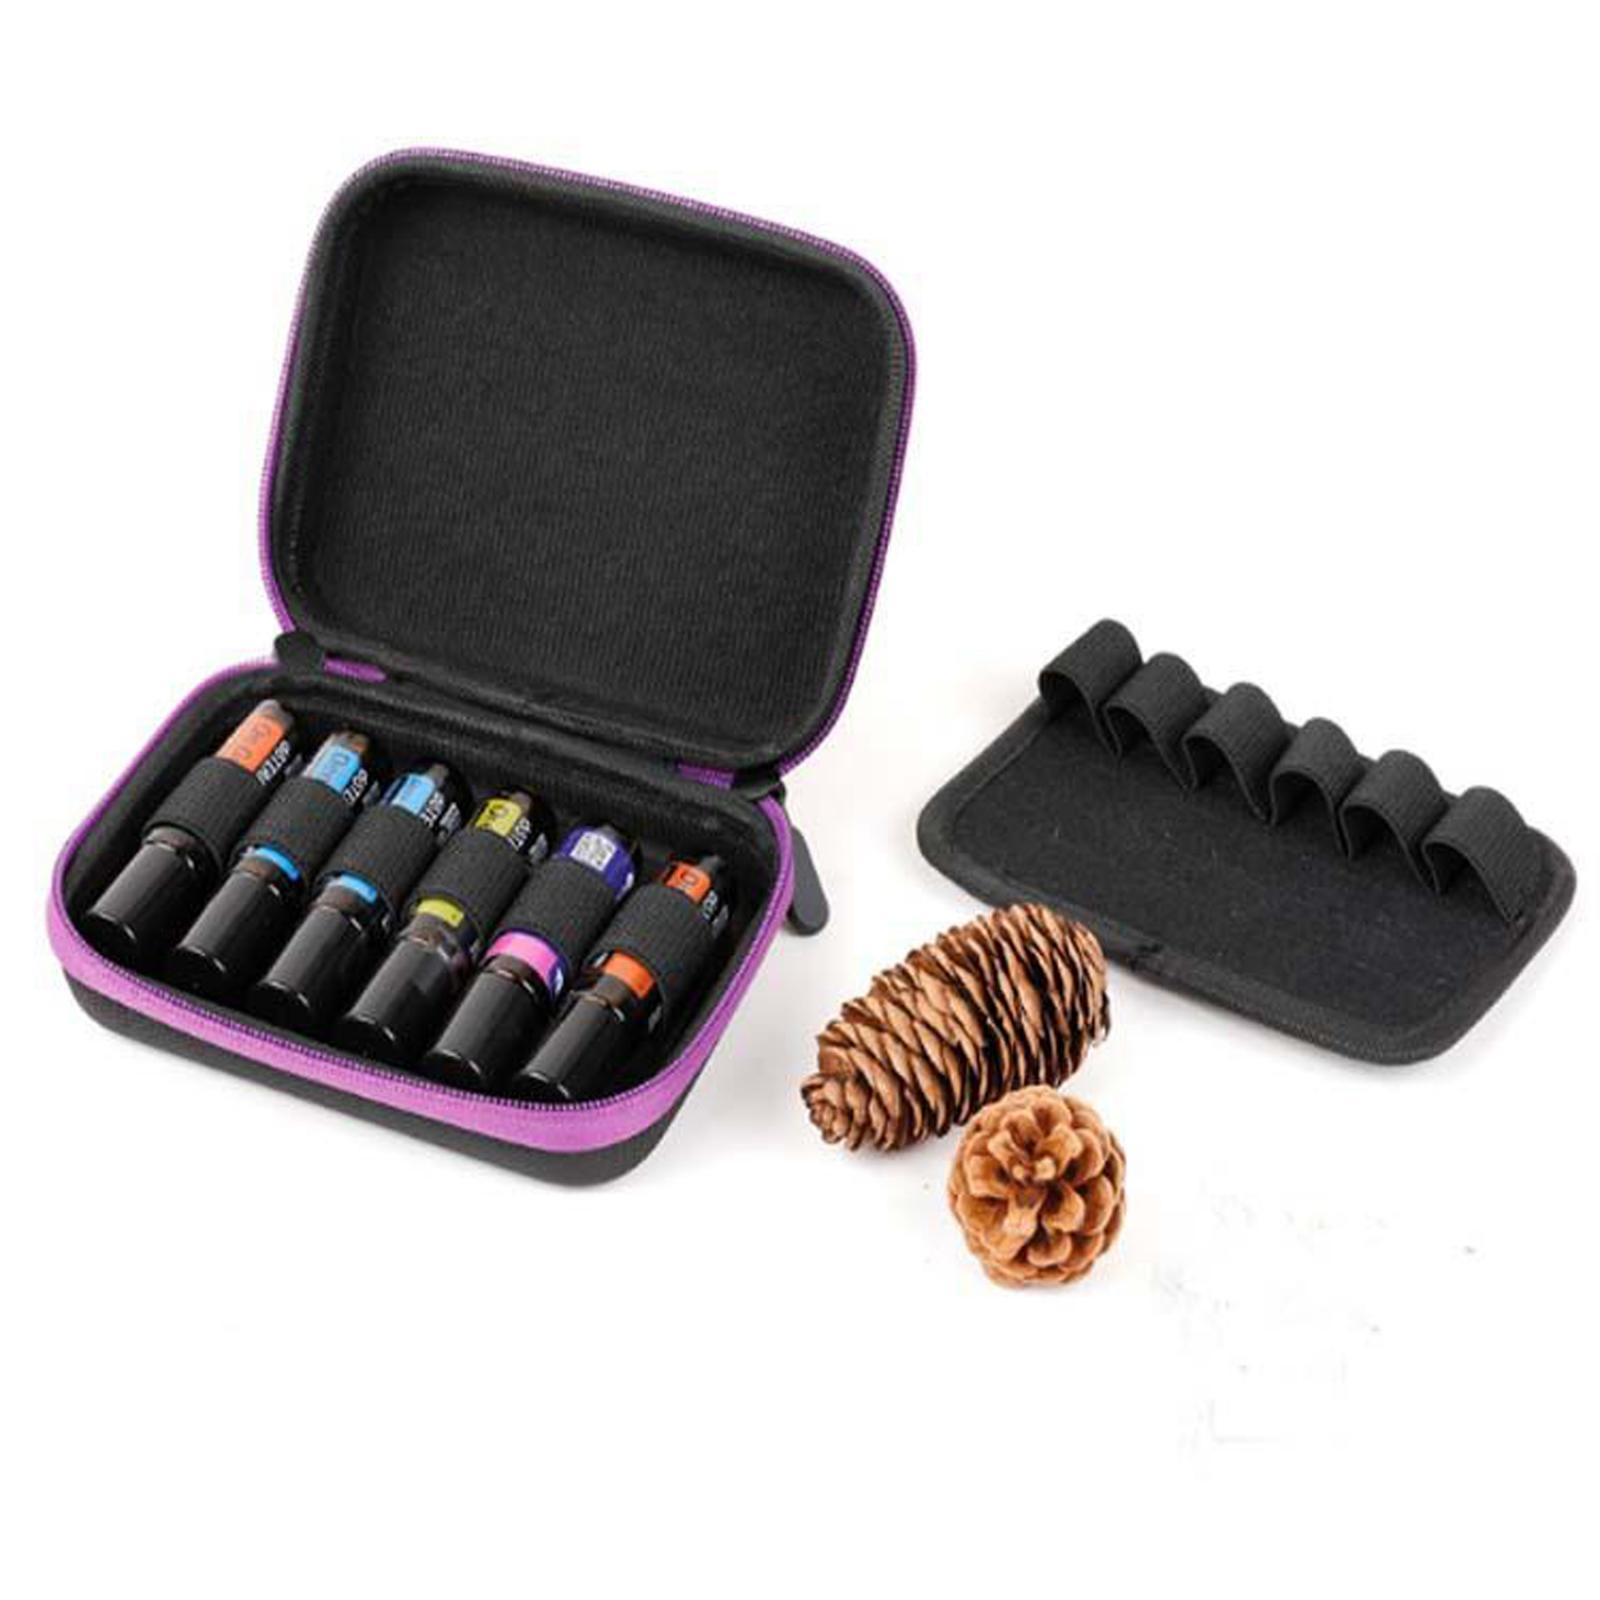 Sacchetto-di-olio-essenziale-custodia-da-viaggio-per-aromaterapia-da-10ml-per-12 miniatura 44